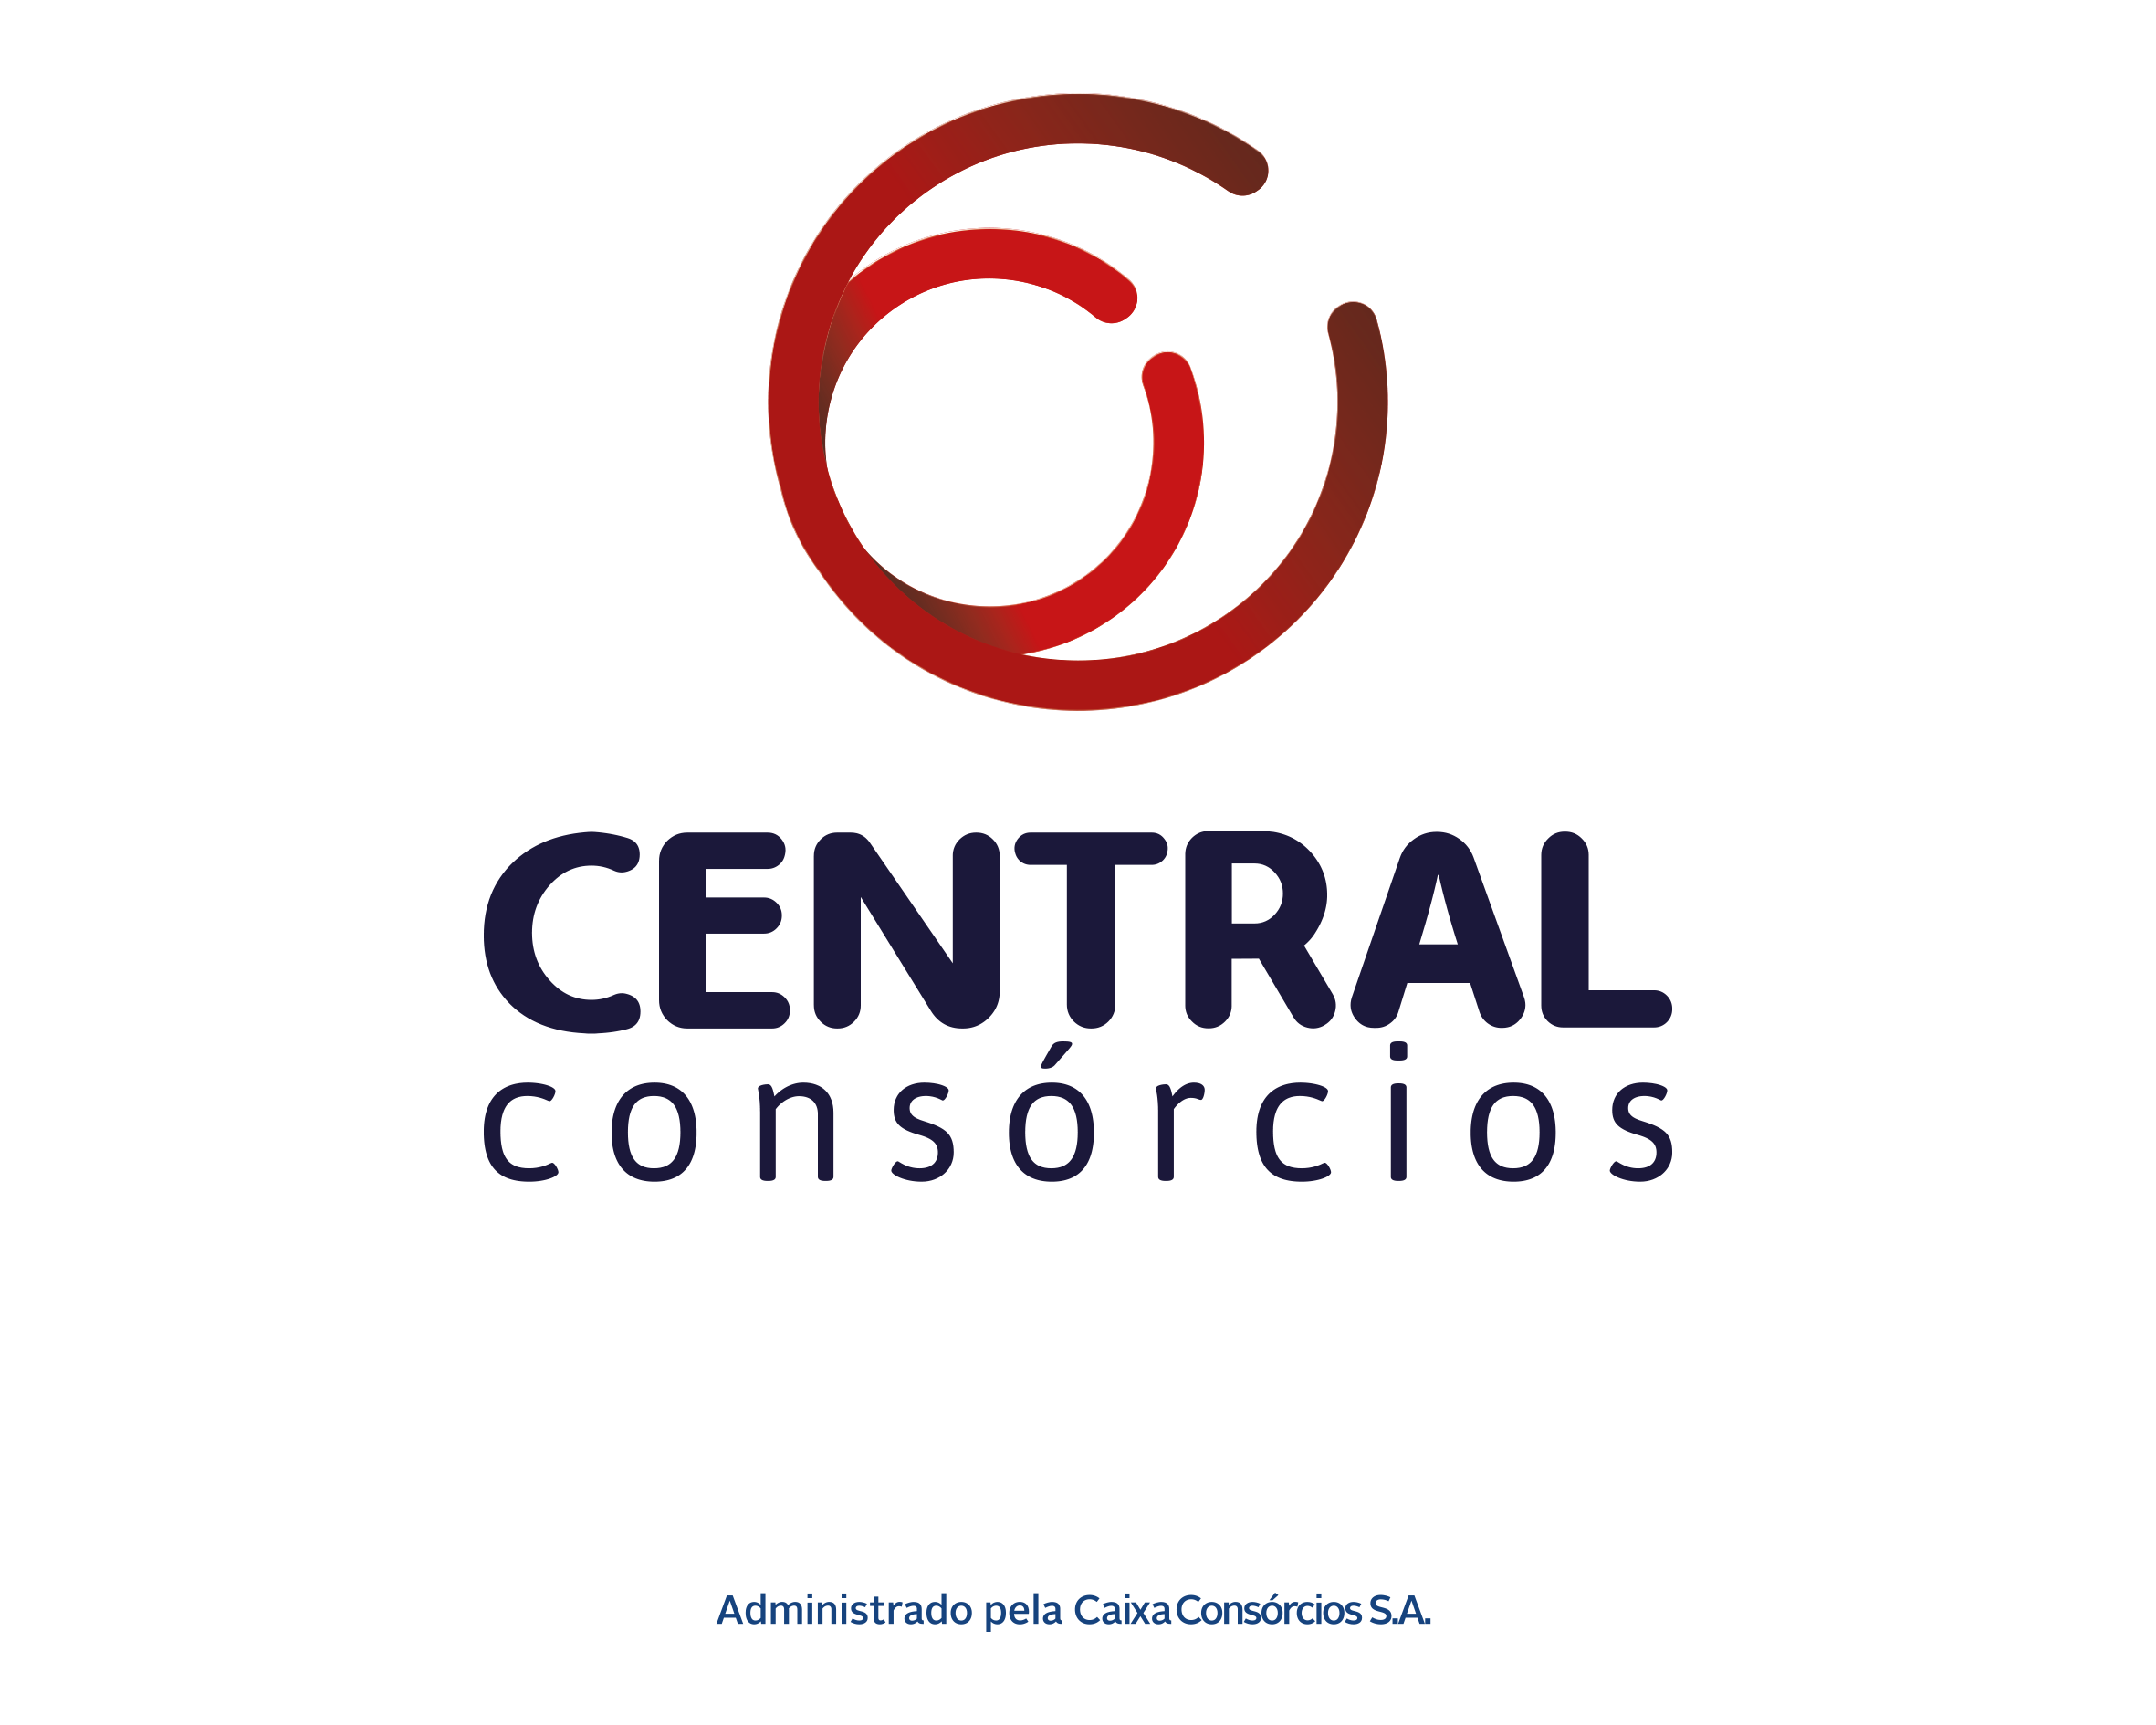 CENTRAL CONSÓRCIOS